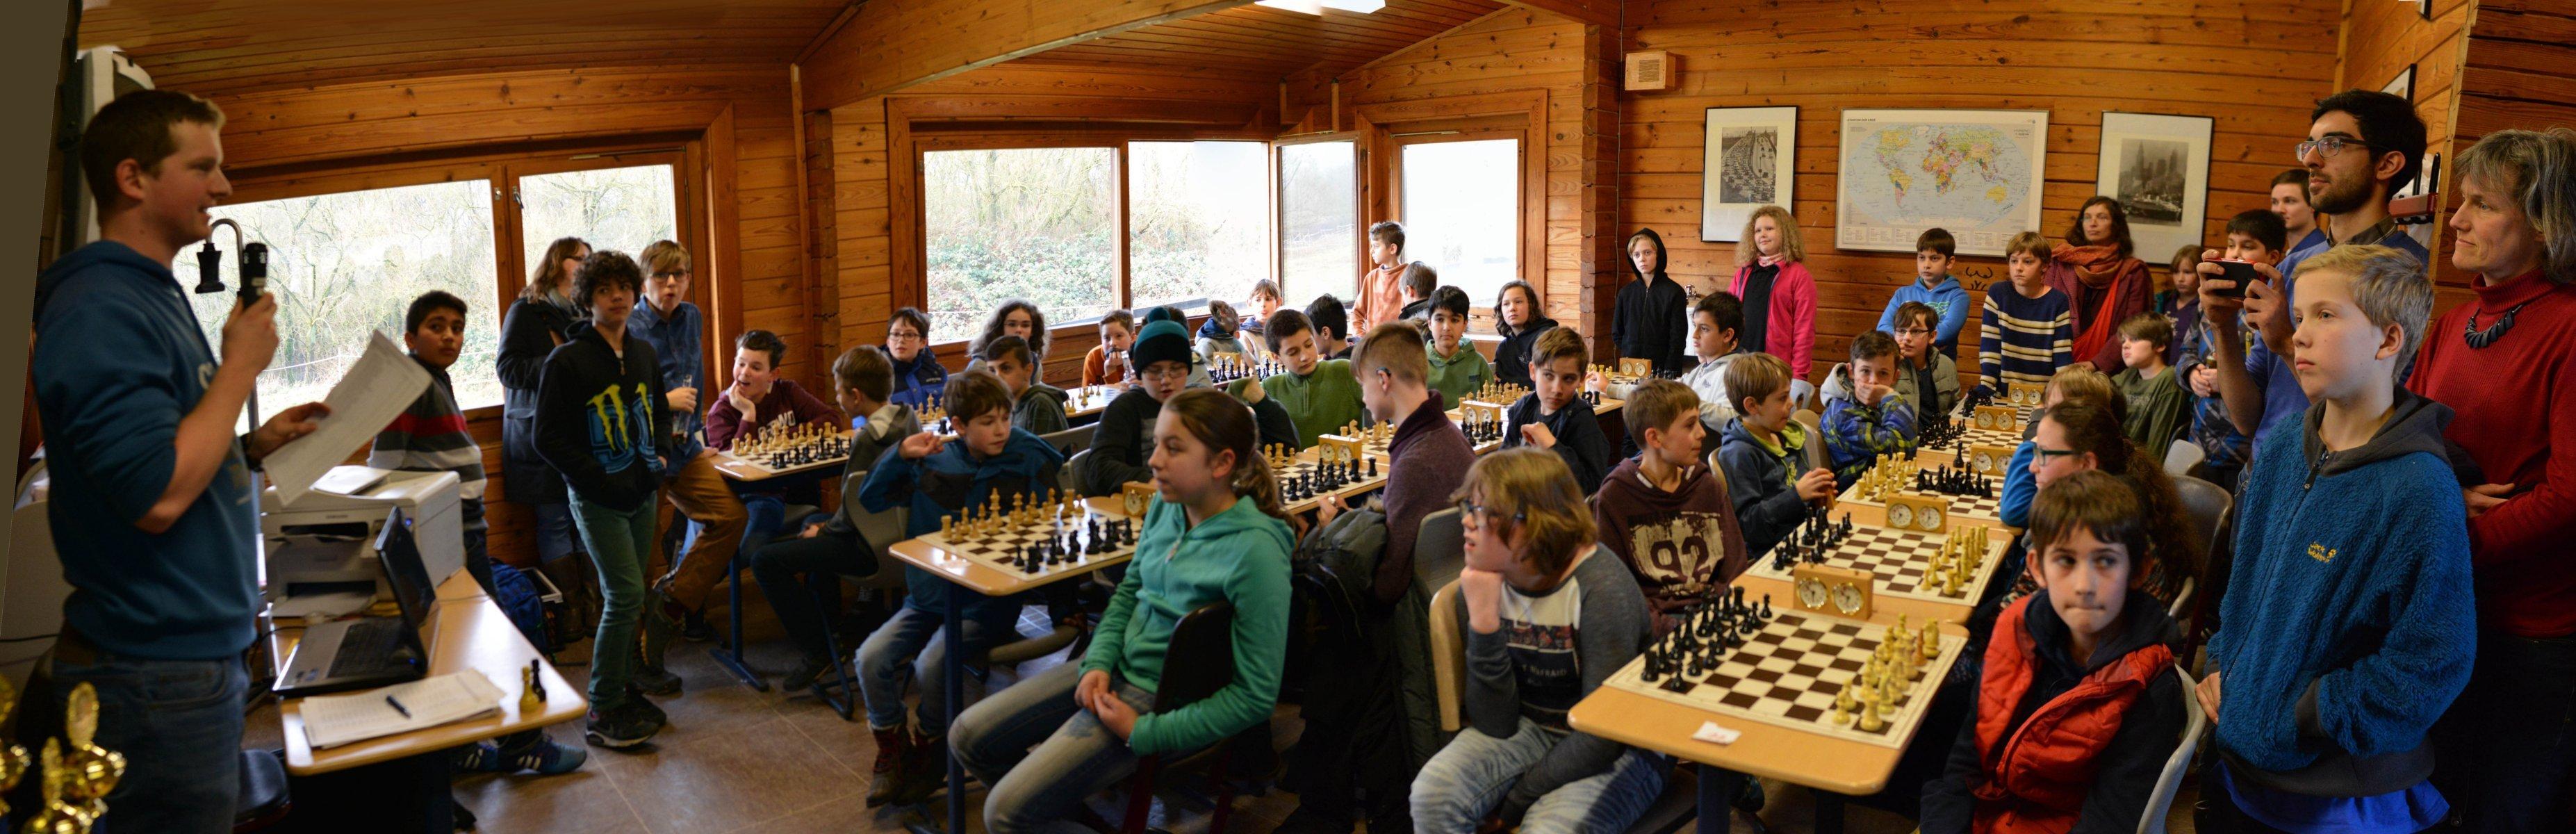 1_Schachspieler